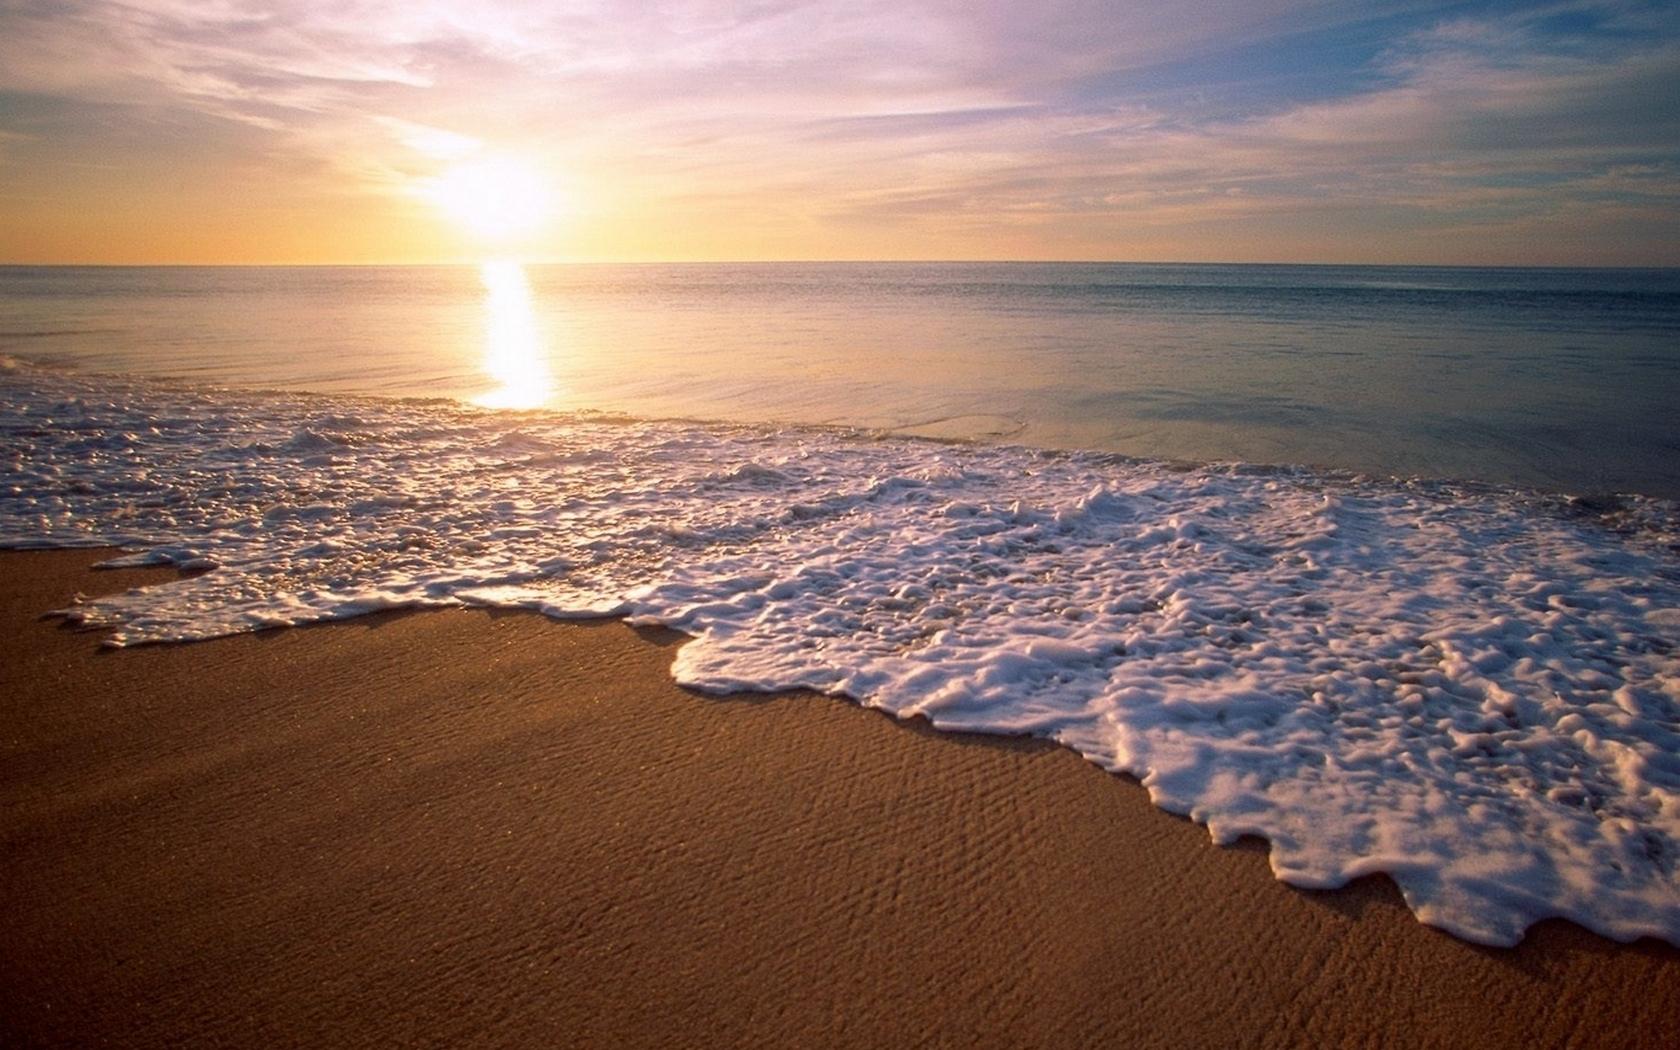 Playas y la espuma de las olas - 1680x1050